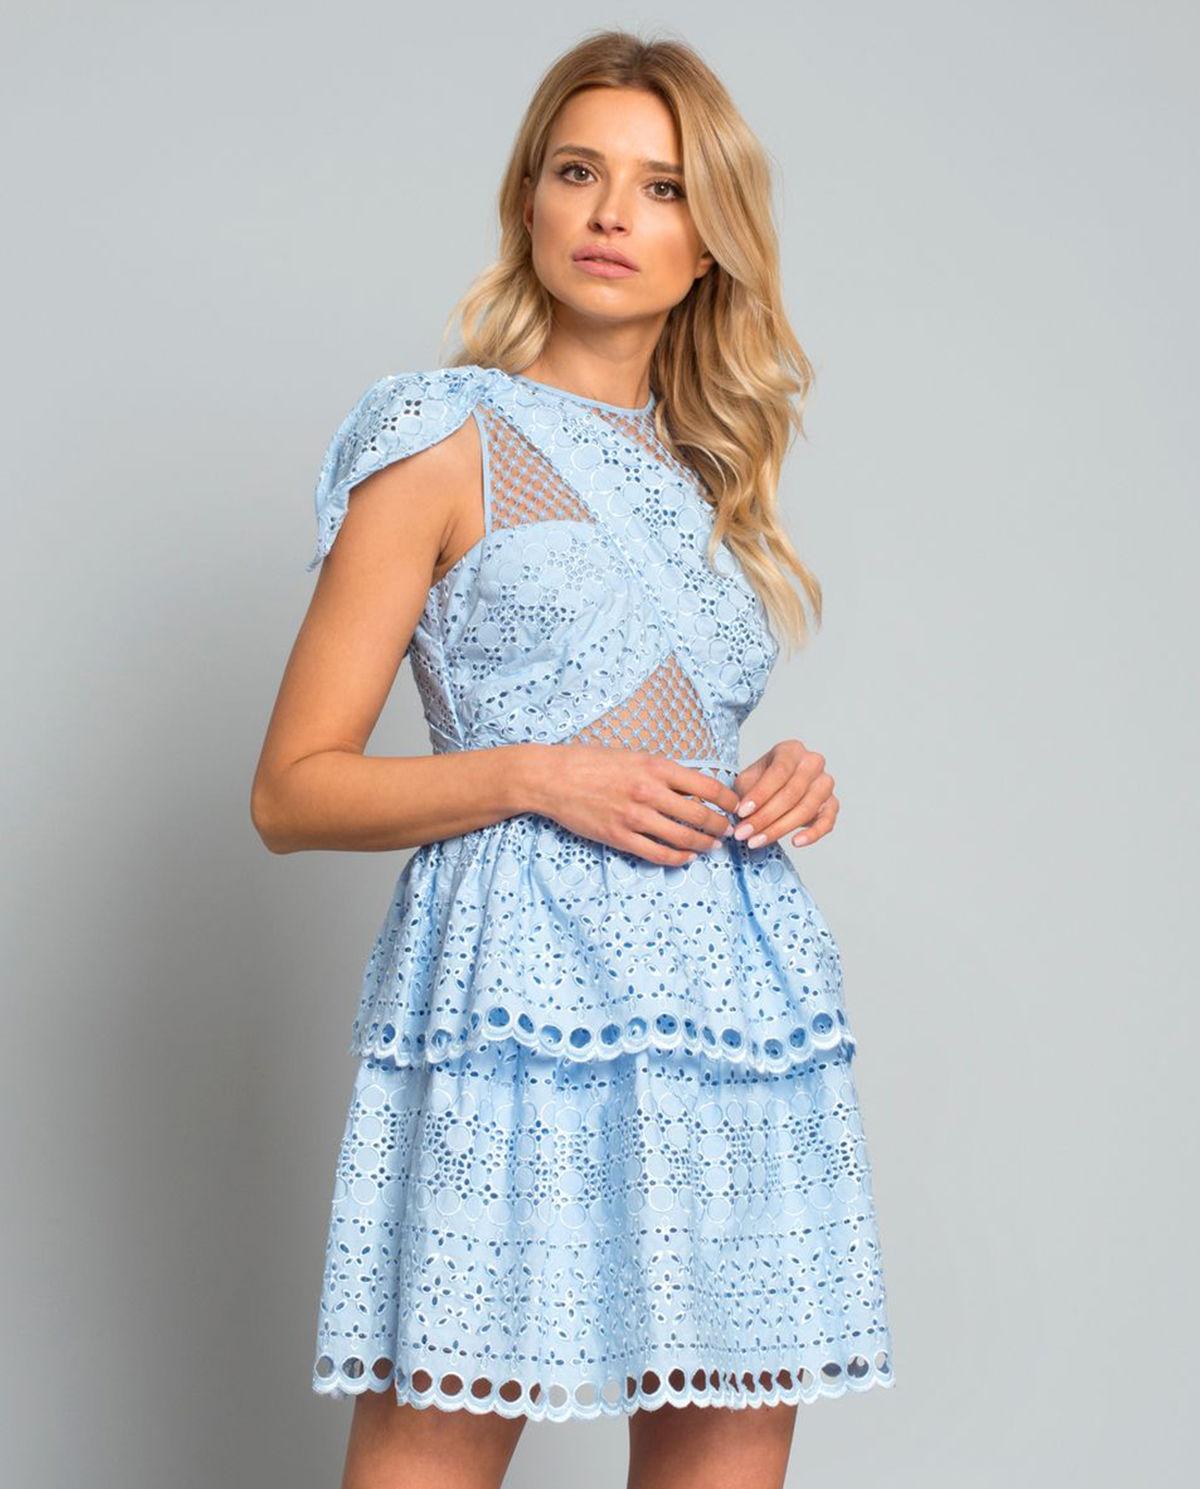 f8548ad50231ad Sukienka SELF PORTRAIT – Kup Teraz! Najlepsze ceny i opinie! Sklep  Moliera2.com